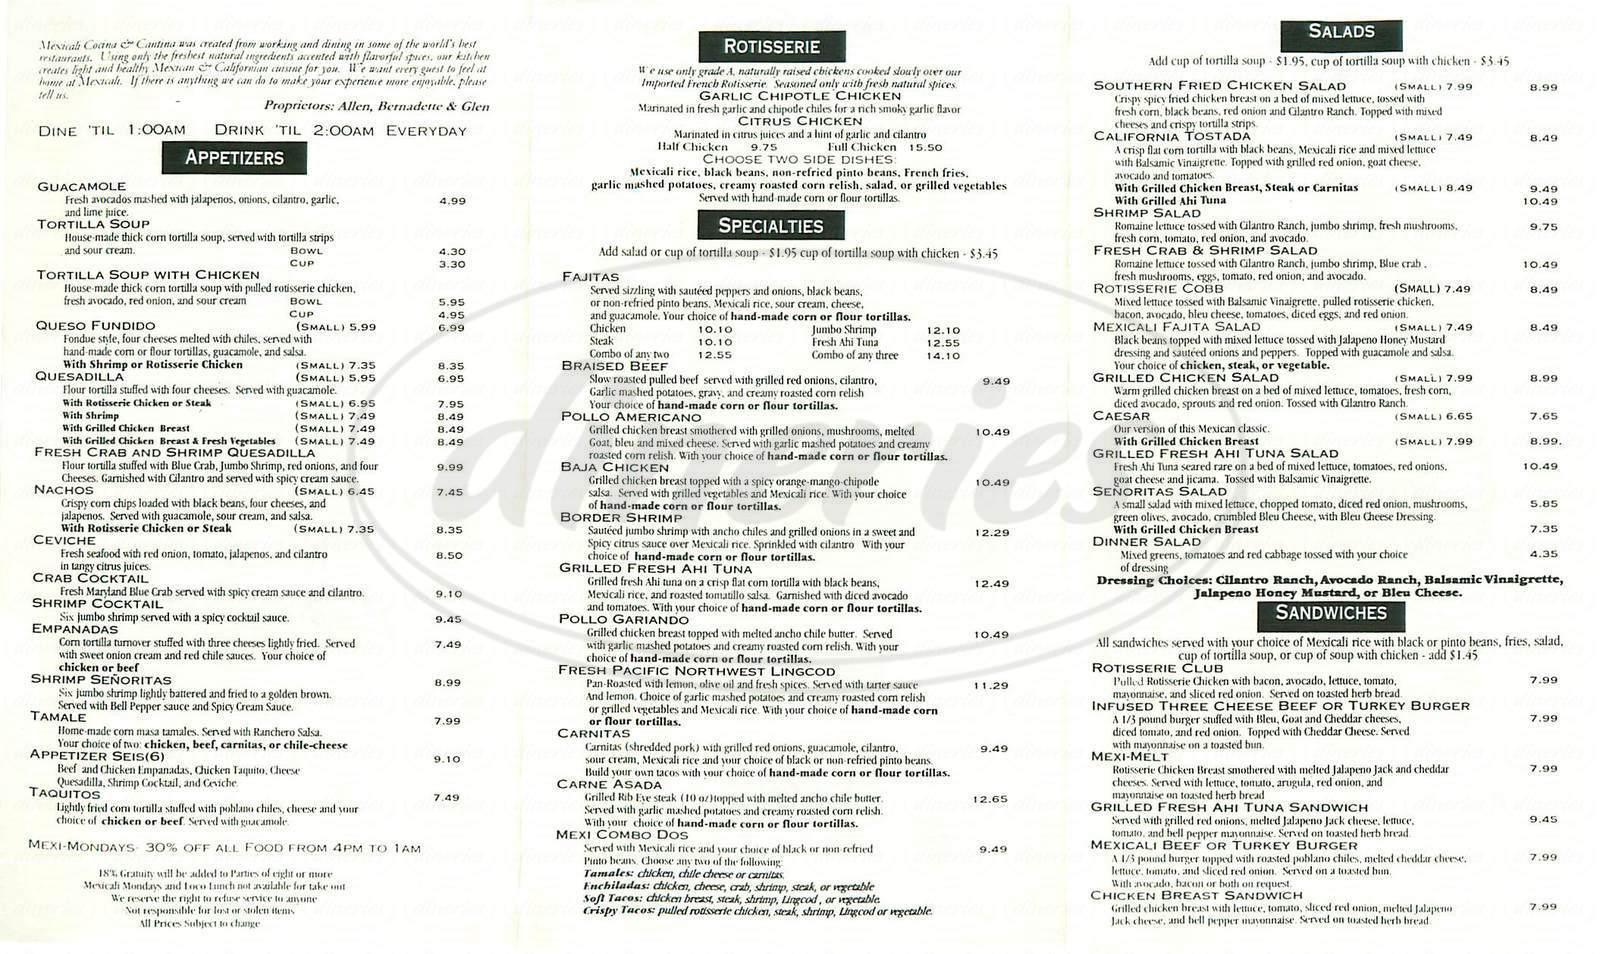 menu for Mexicali Cocina Cantina